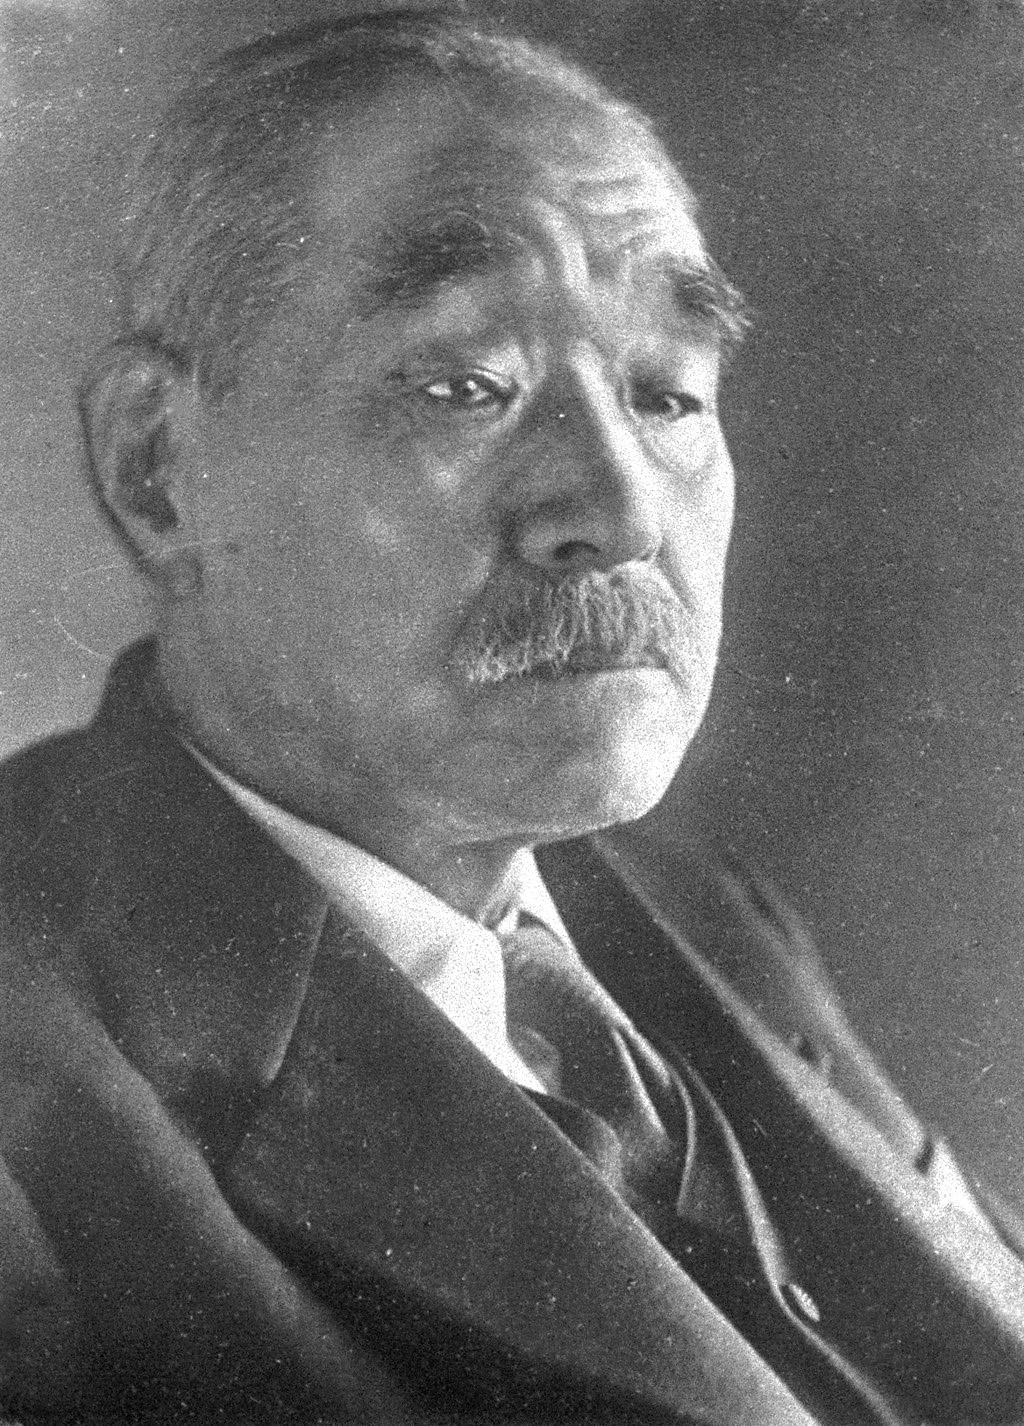 Kantaro_Suzuki_suit 鈴木貫太郎